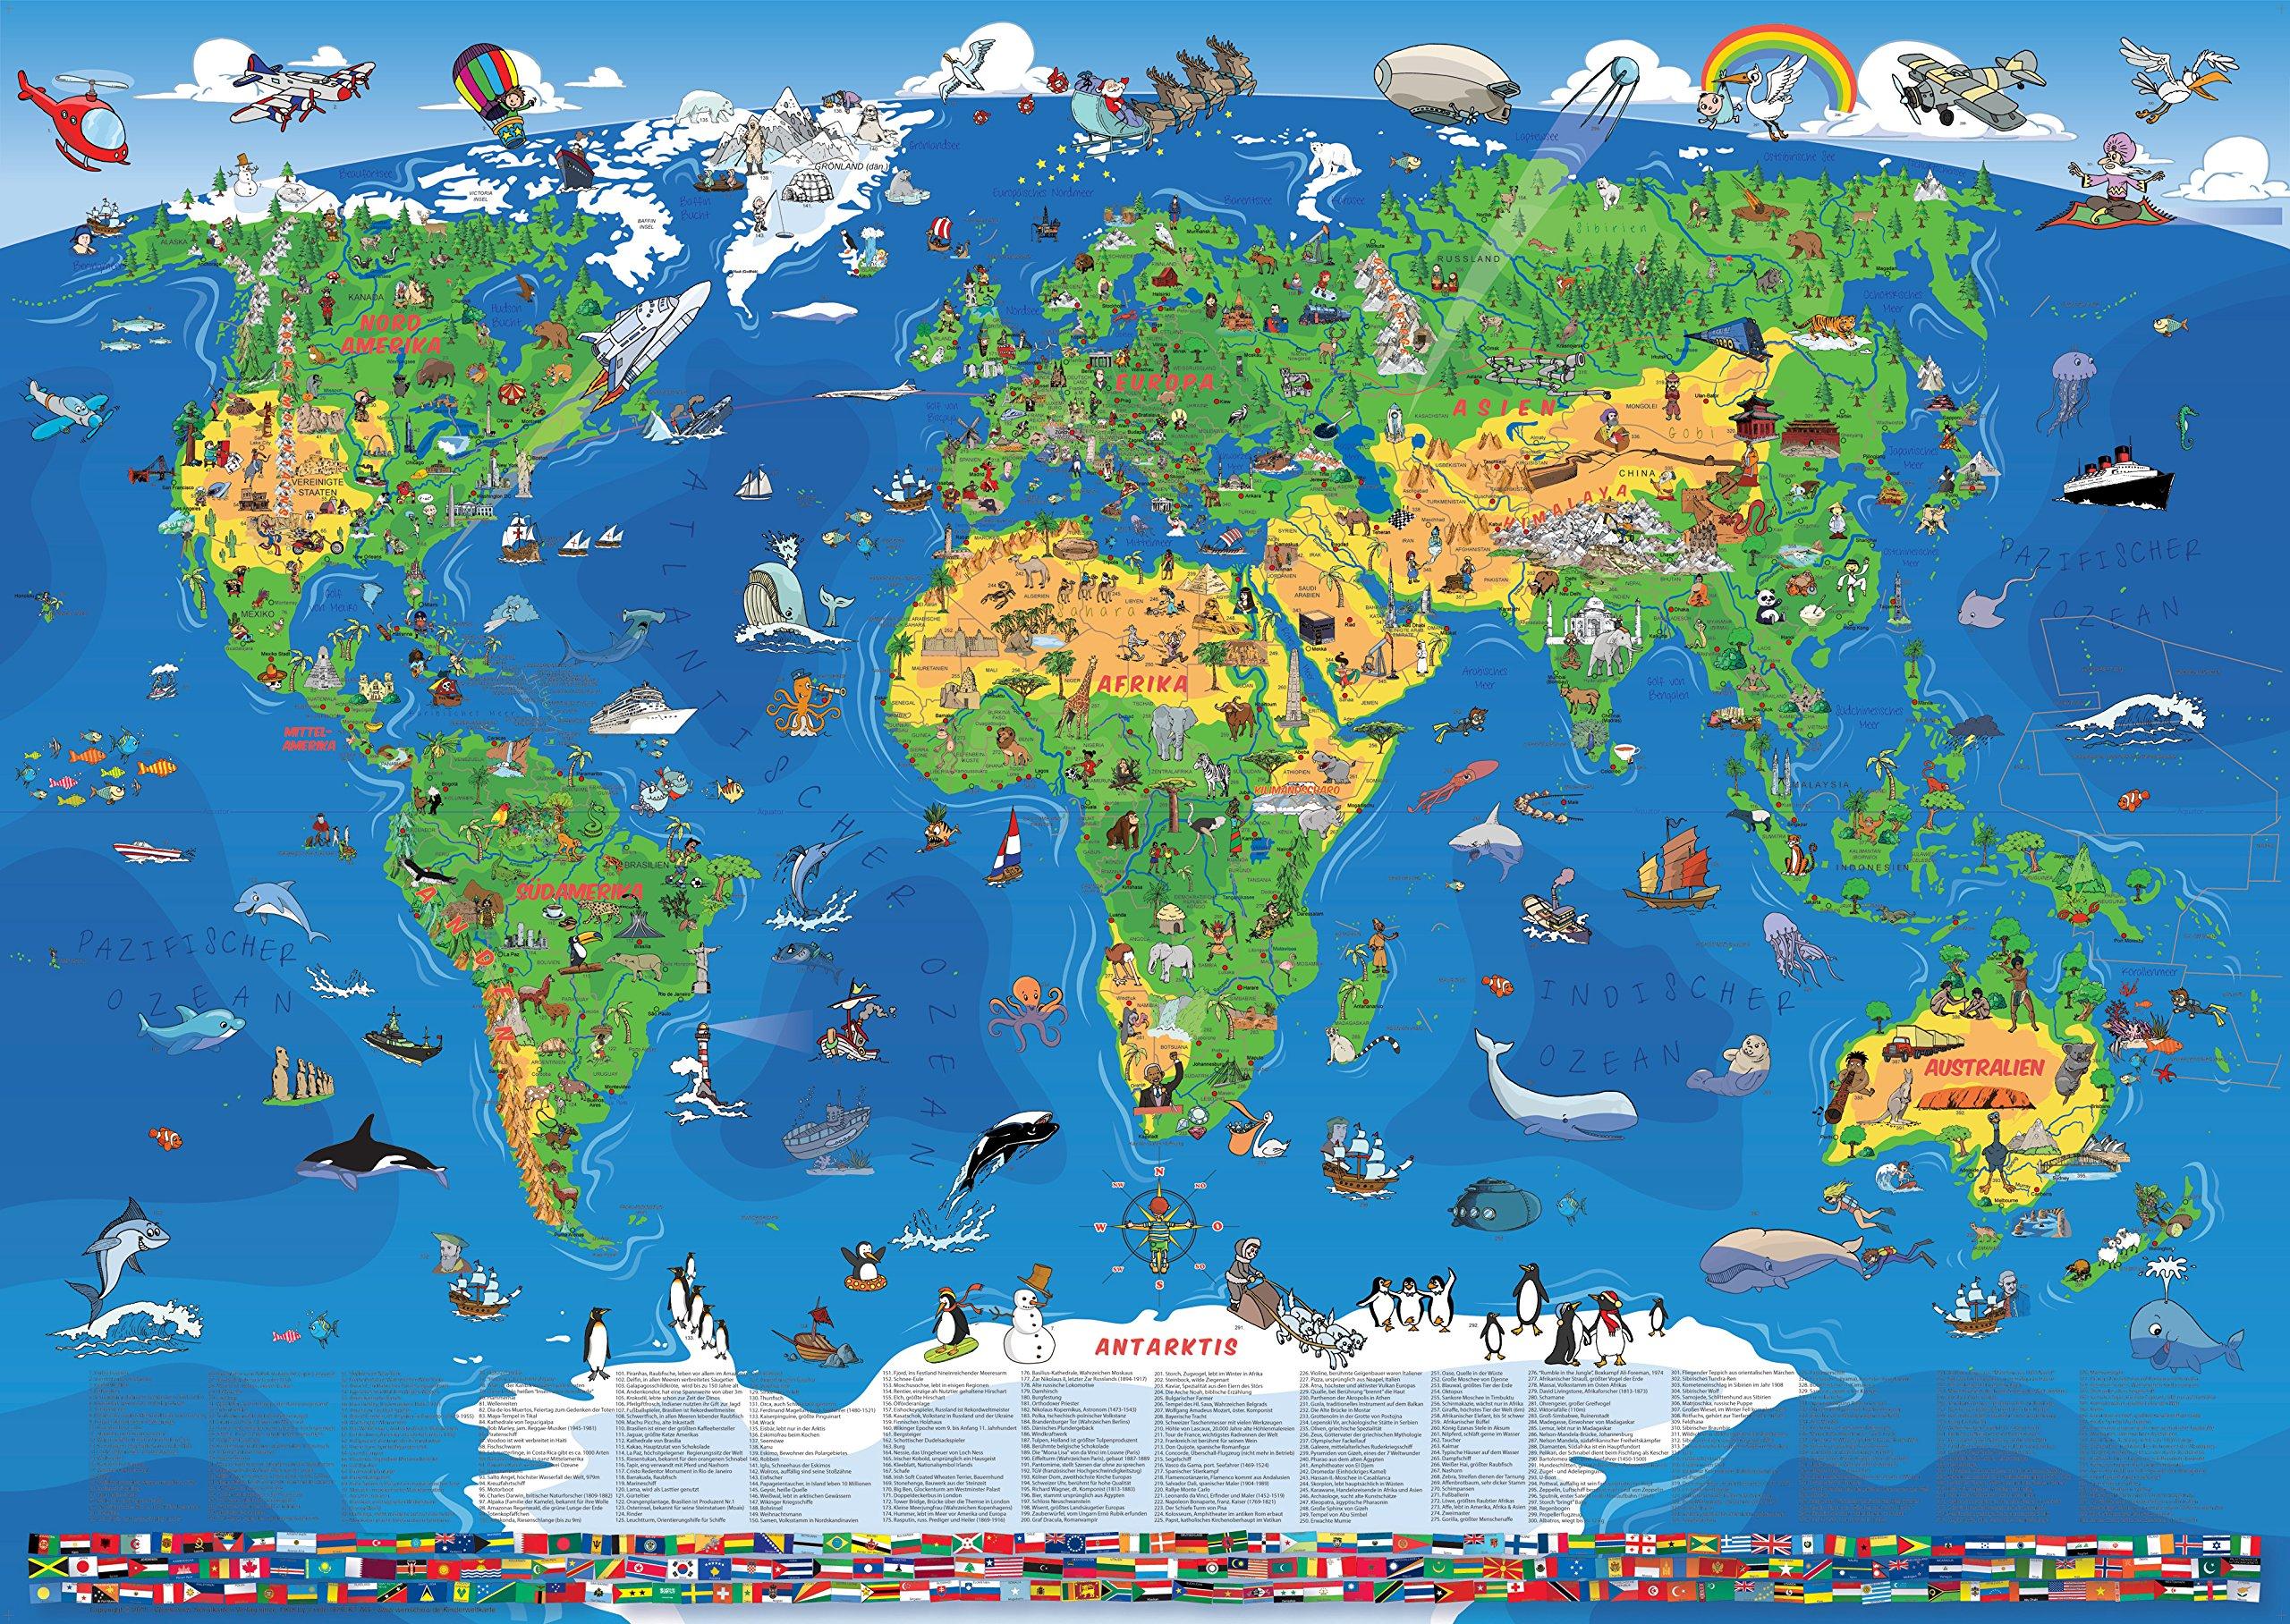 zeig mir die weltkarte NEU   XXL/1,35 Meter Panorama Kinder Weltkarte laminiert  zeig mir die weltkarte